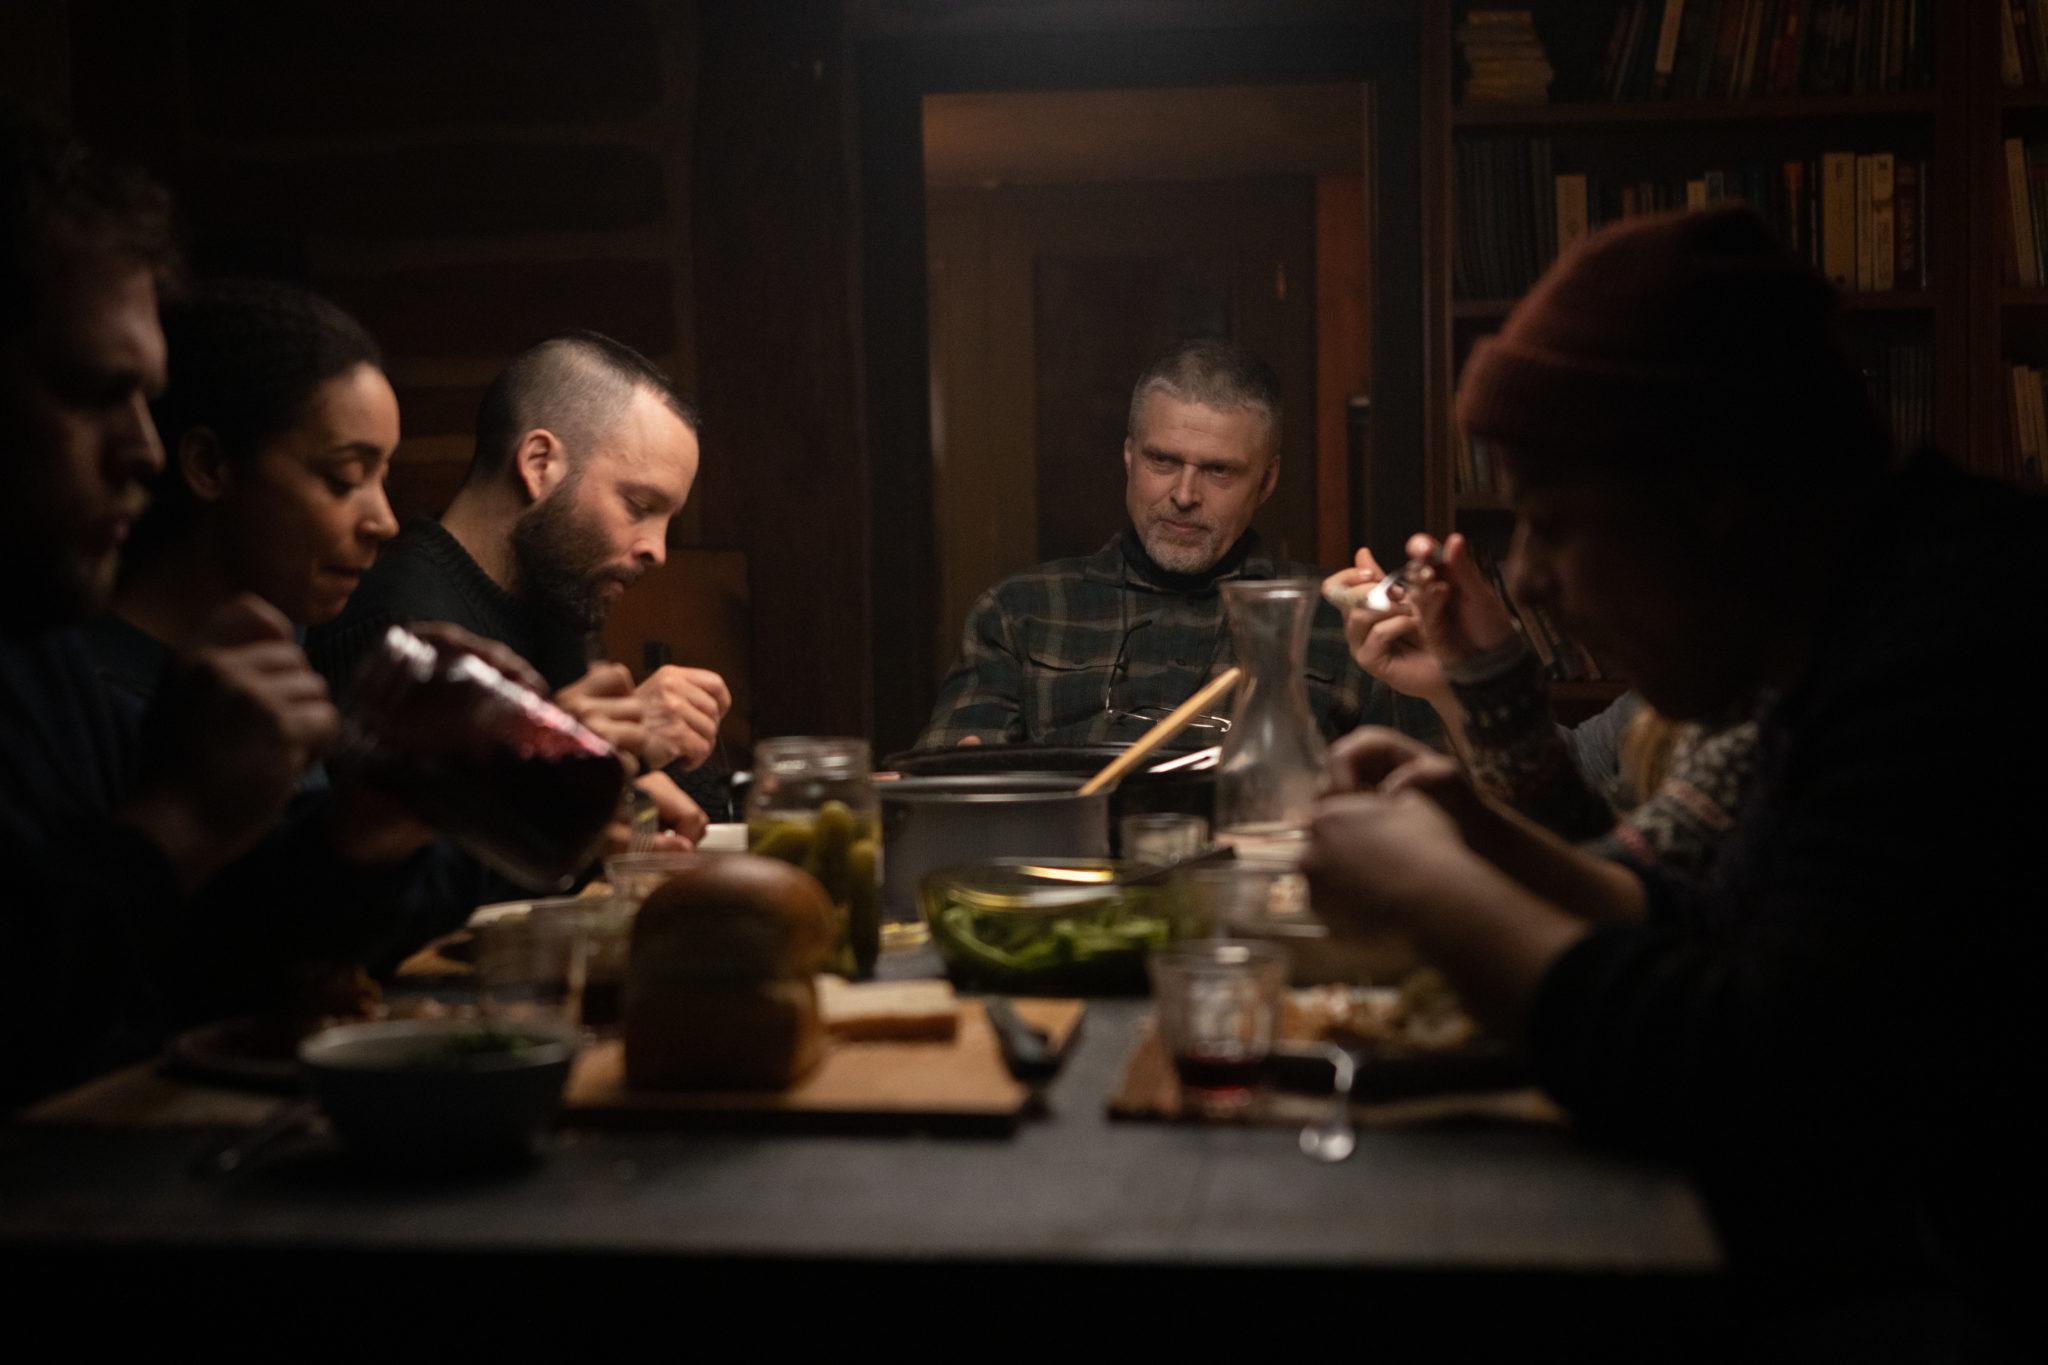 Die Teilnehmer sitzen beim Abendessen zusammen an einem Tisch, am Kopf sitz der Trainer des Camps, auf dem Tisch diverse Speisen